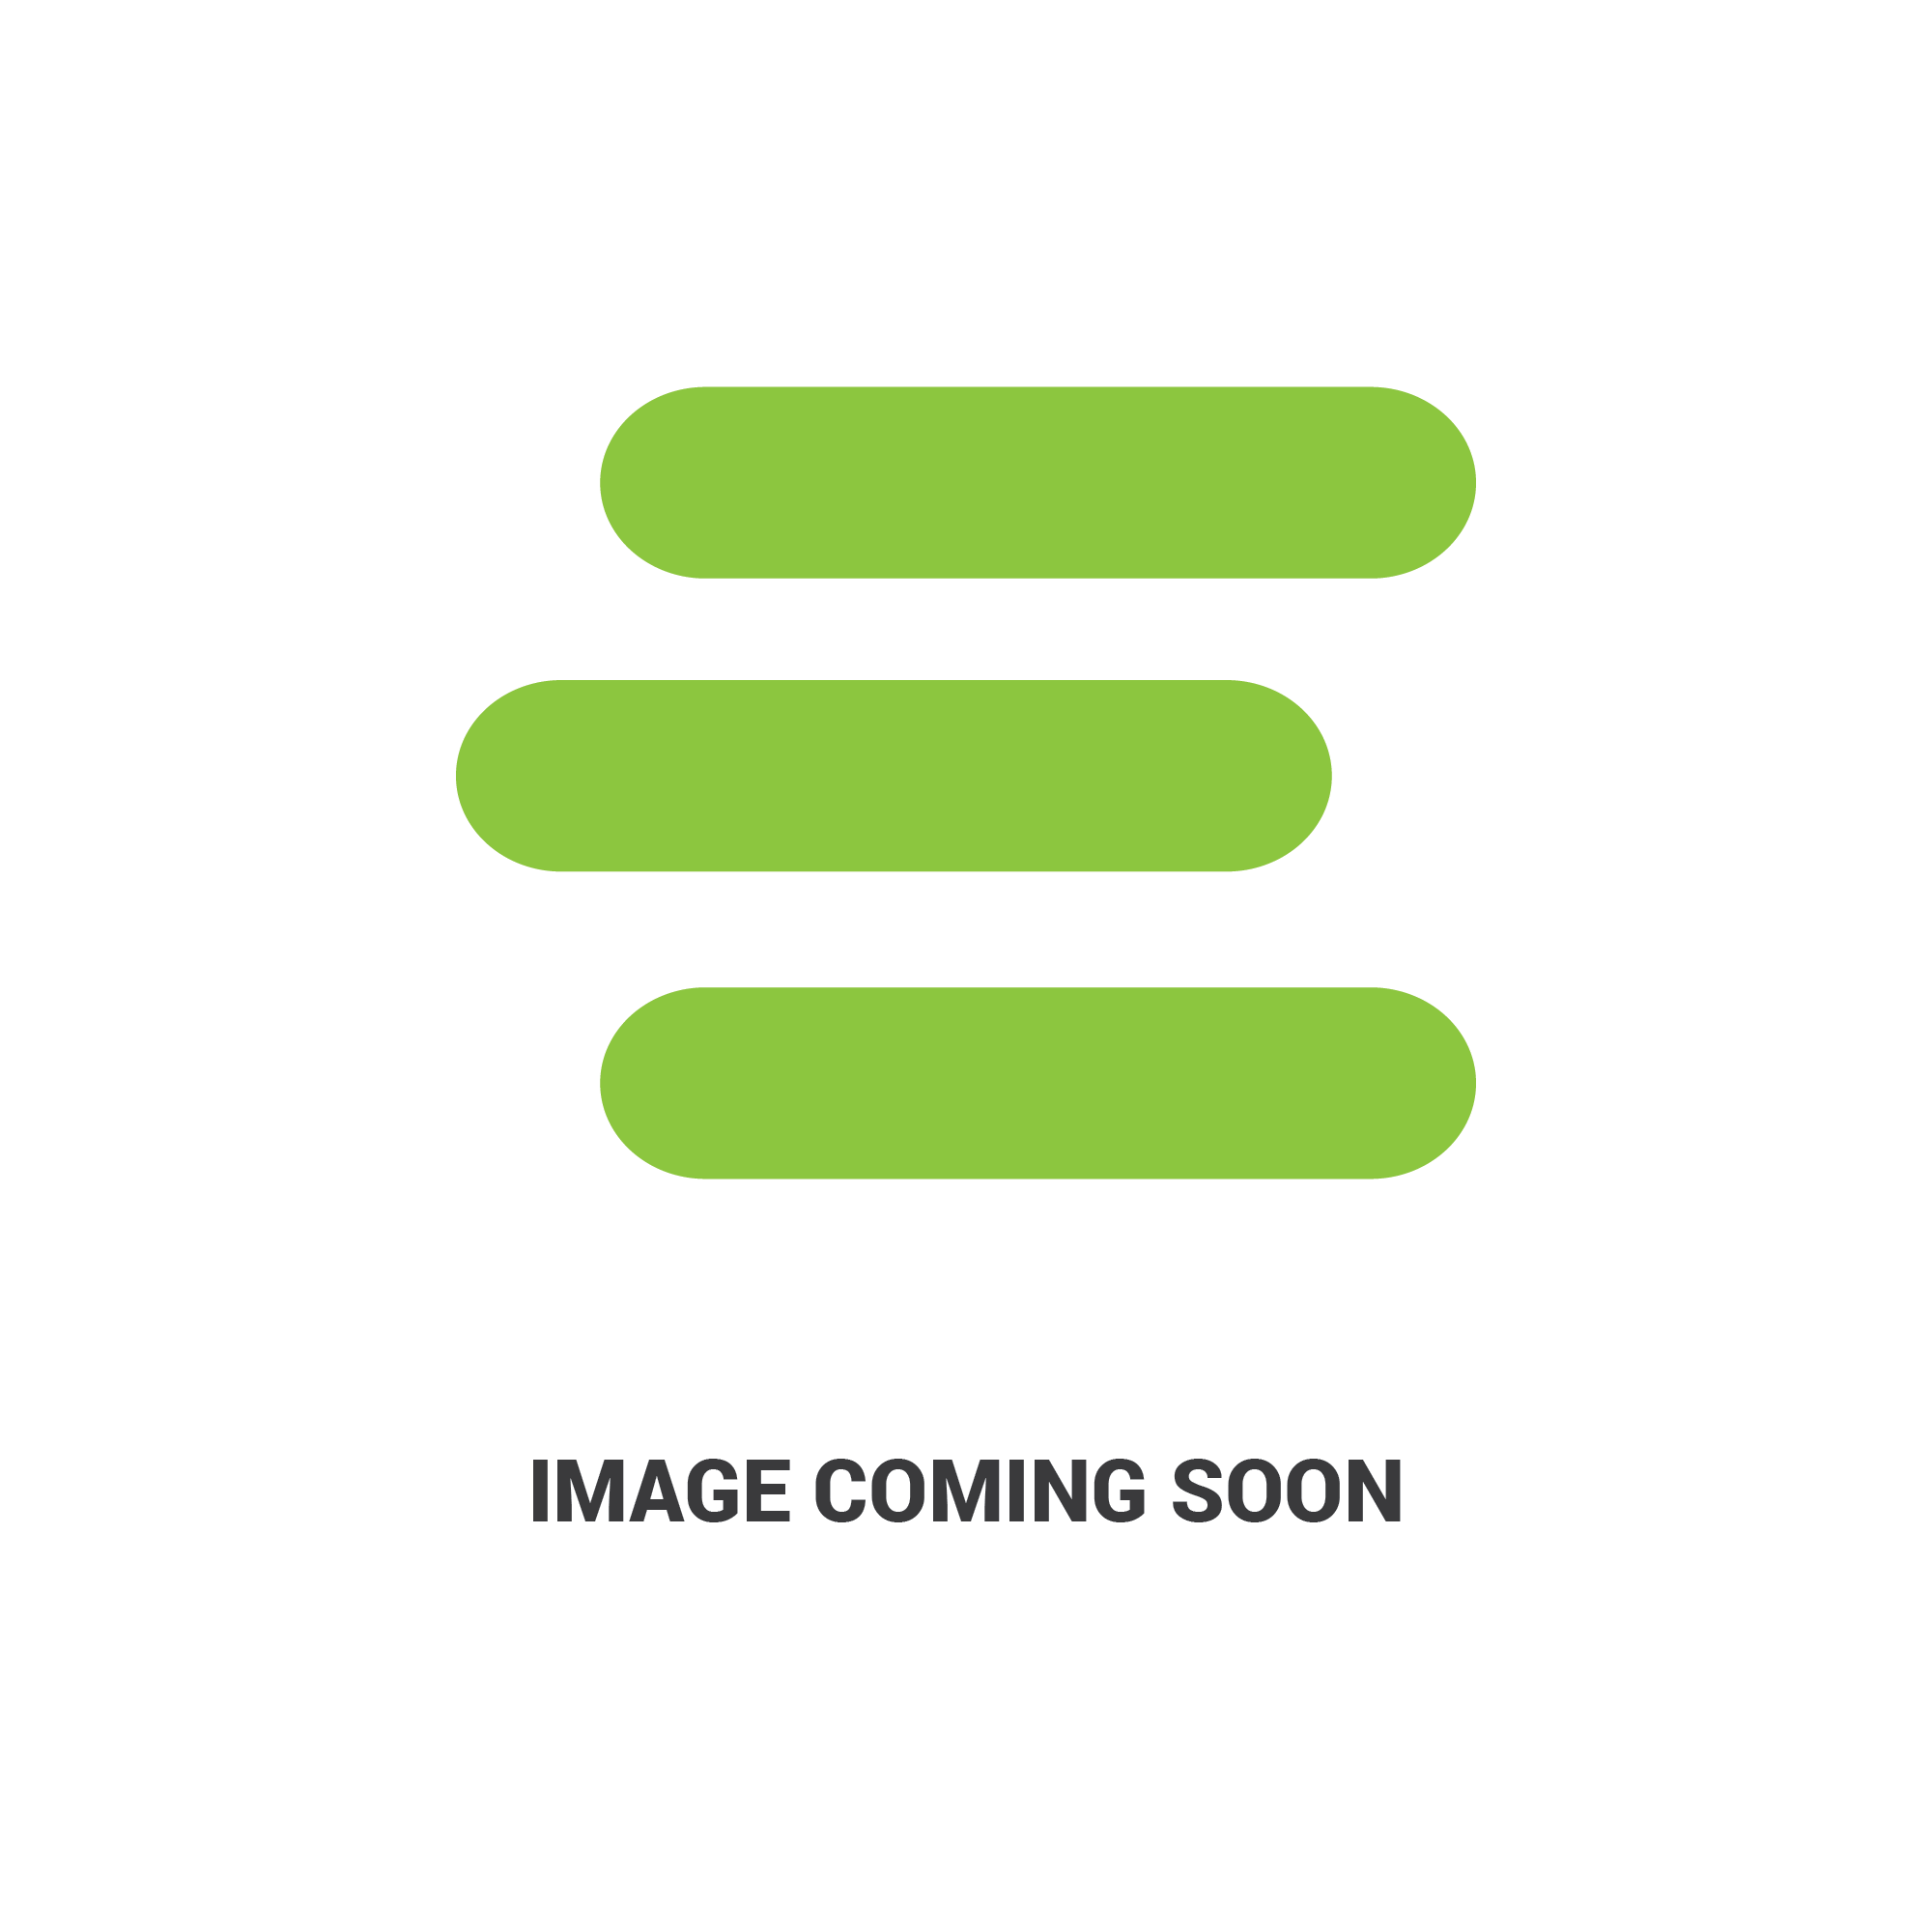 E-6C040-55442edit 3.jpg